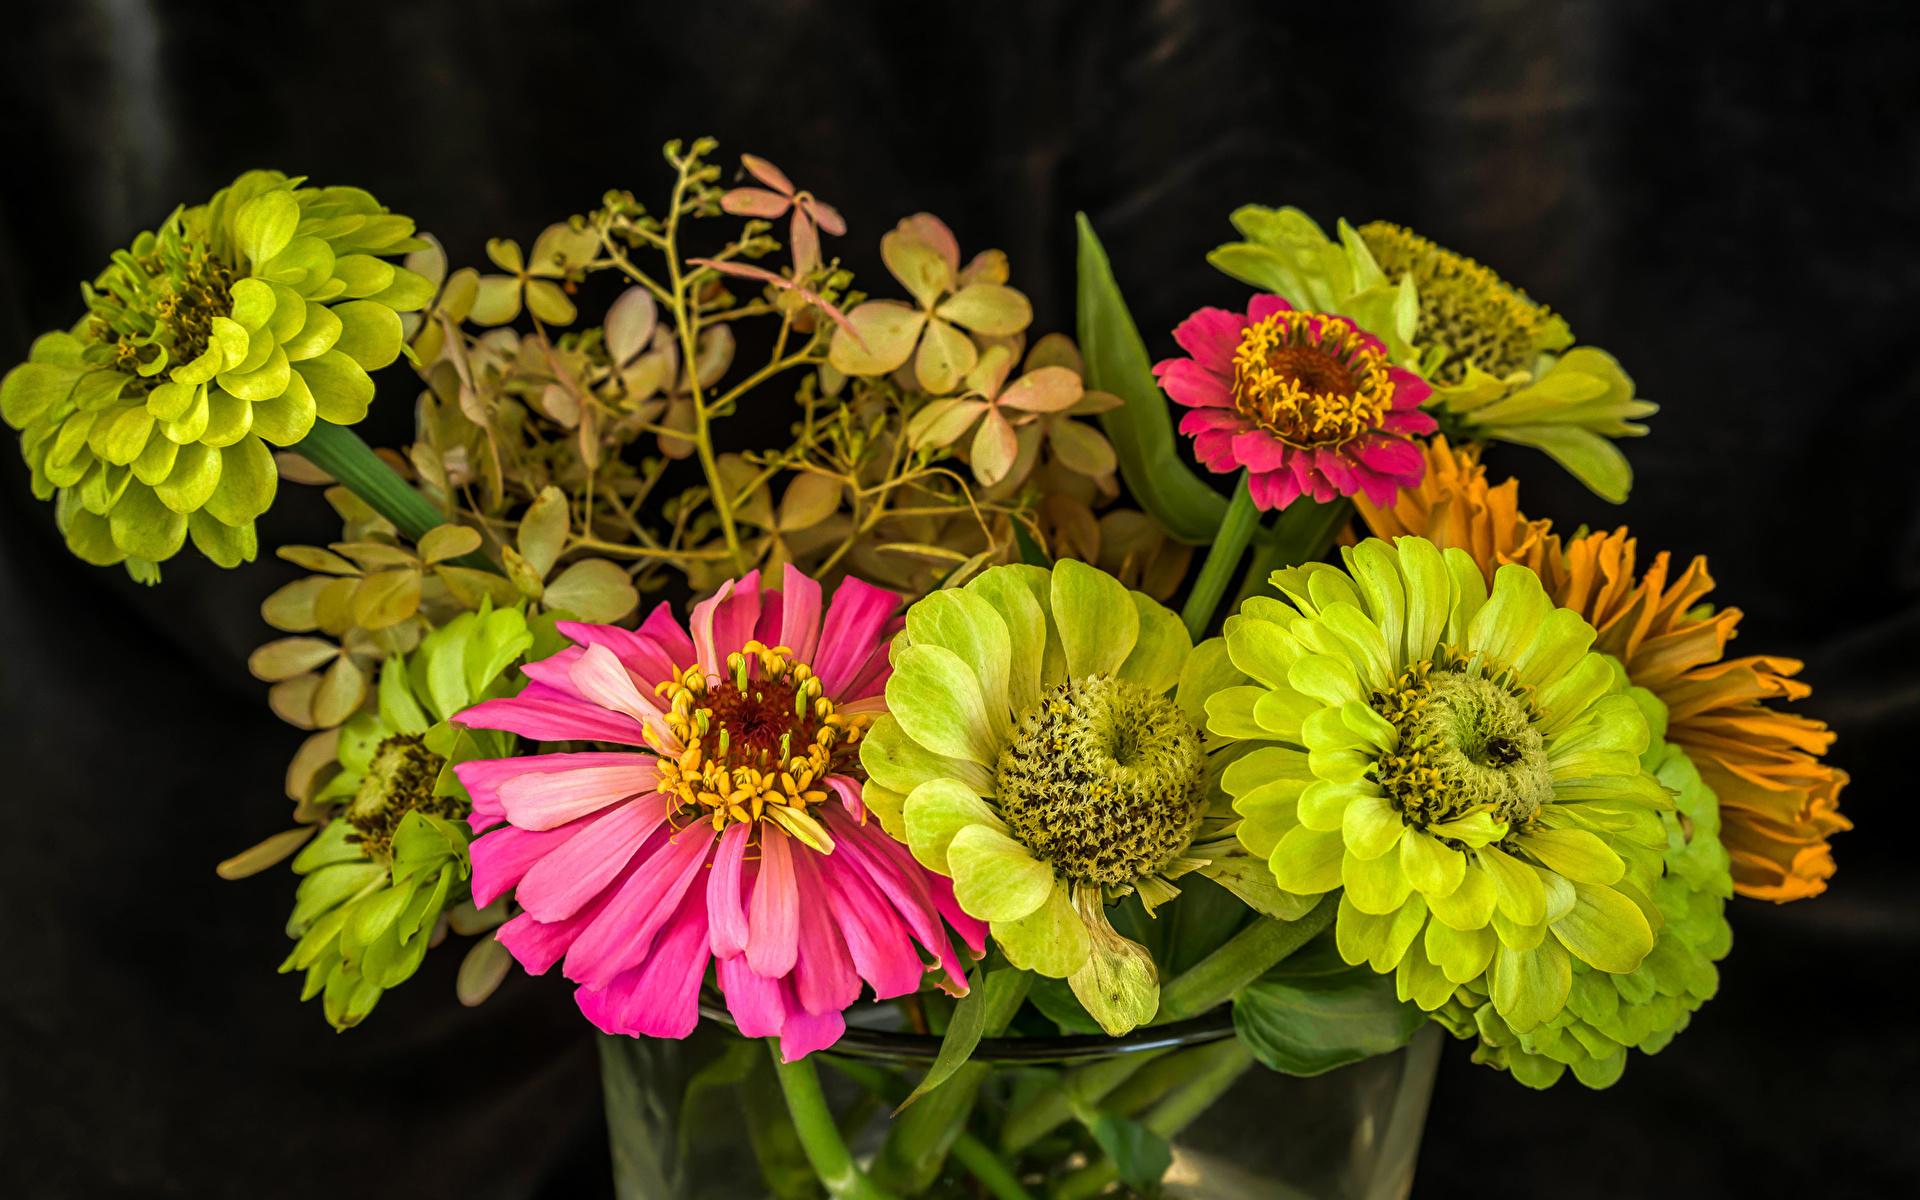 Bilder hellgrüne Blumen Zinnien hautnah 1920x1200 Gelb grüne Blüte Nahaufnahme Großansicht